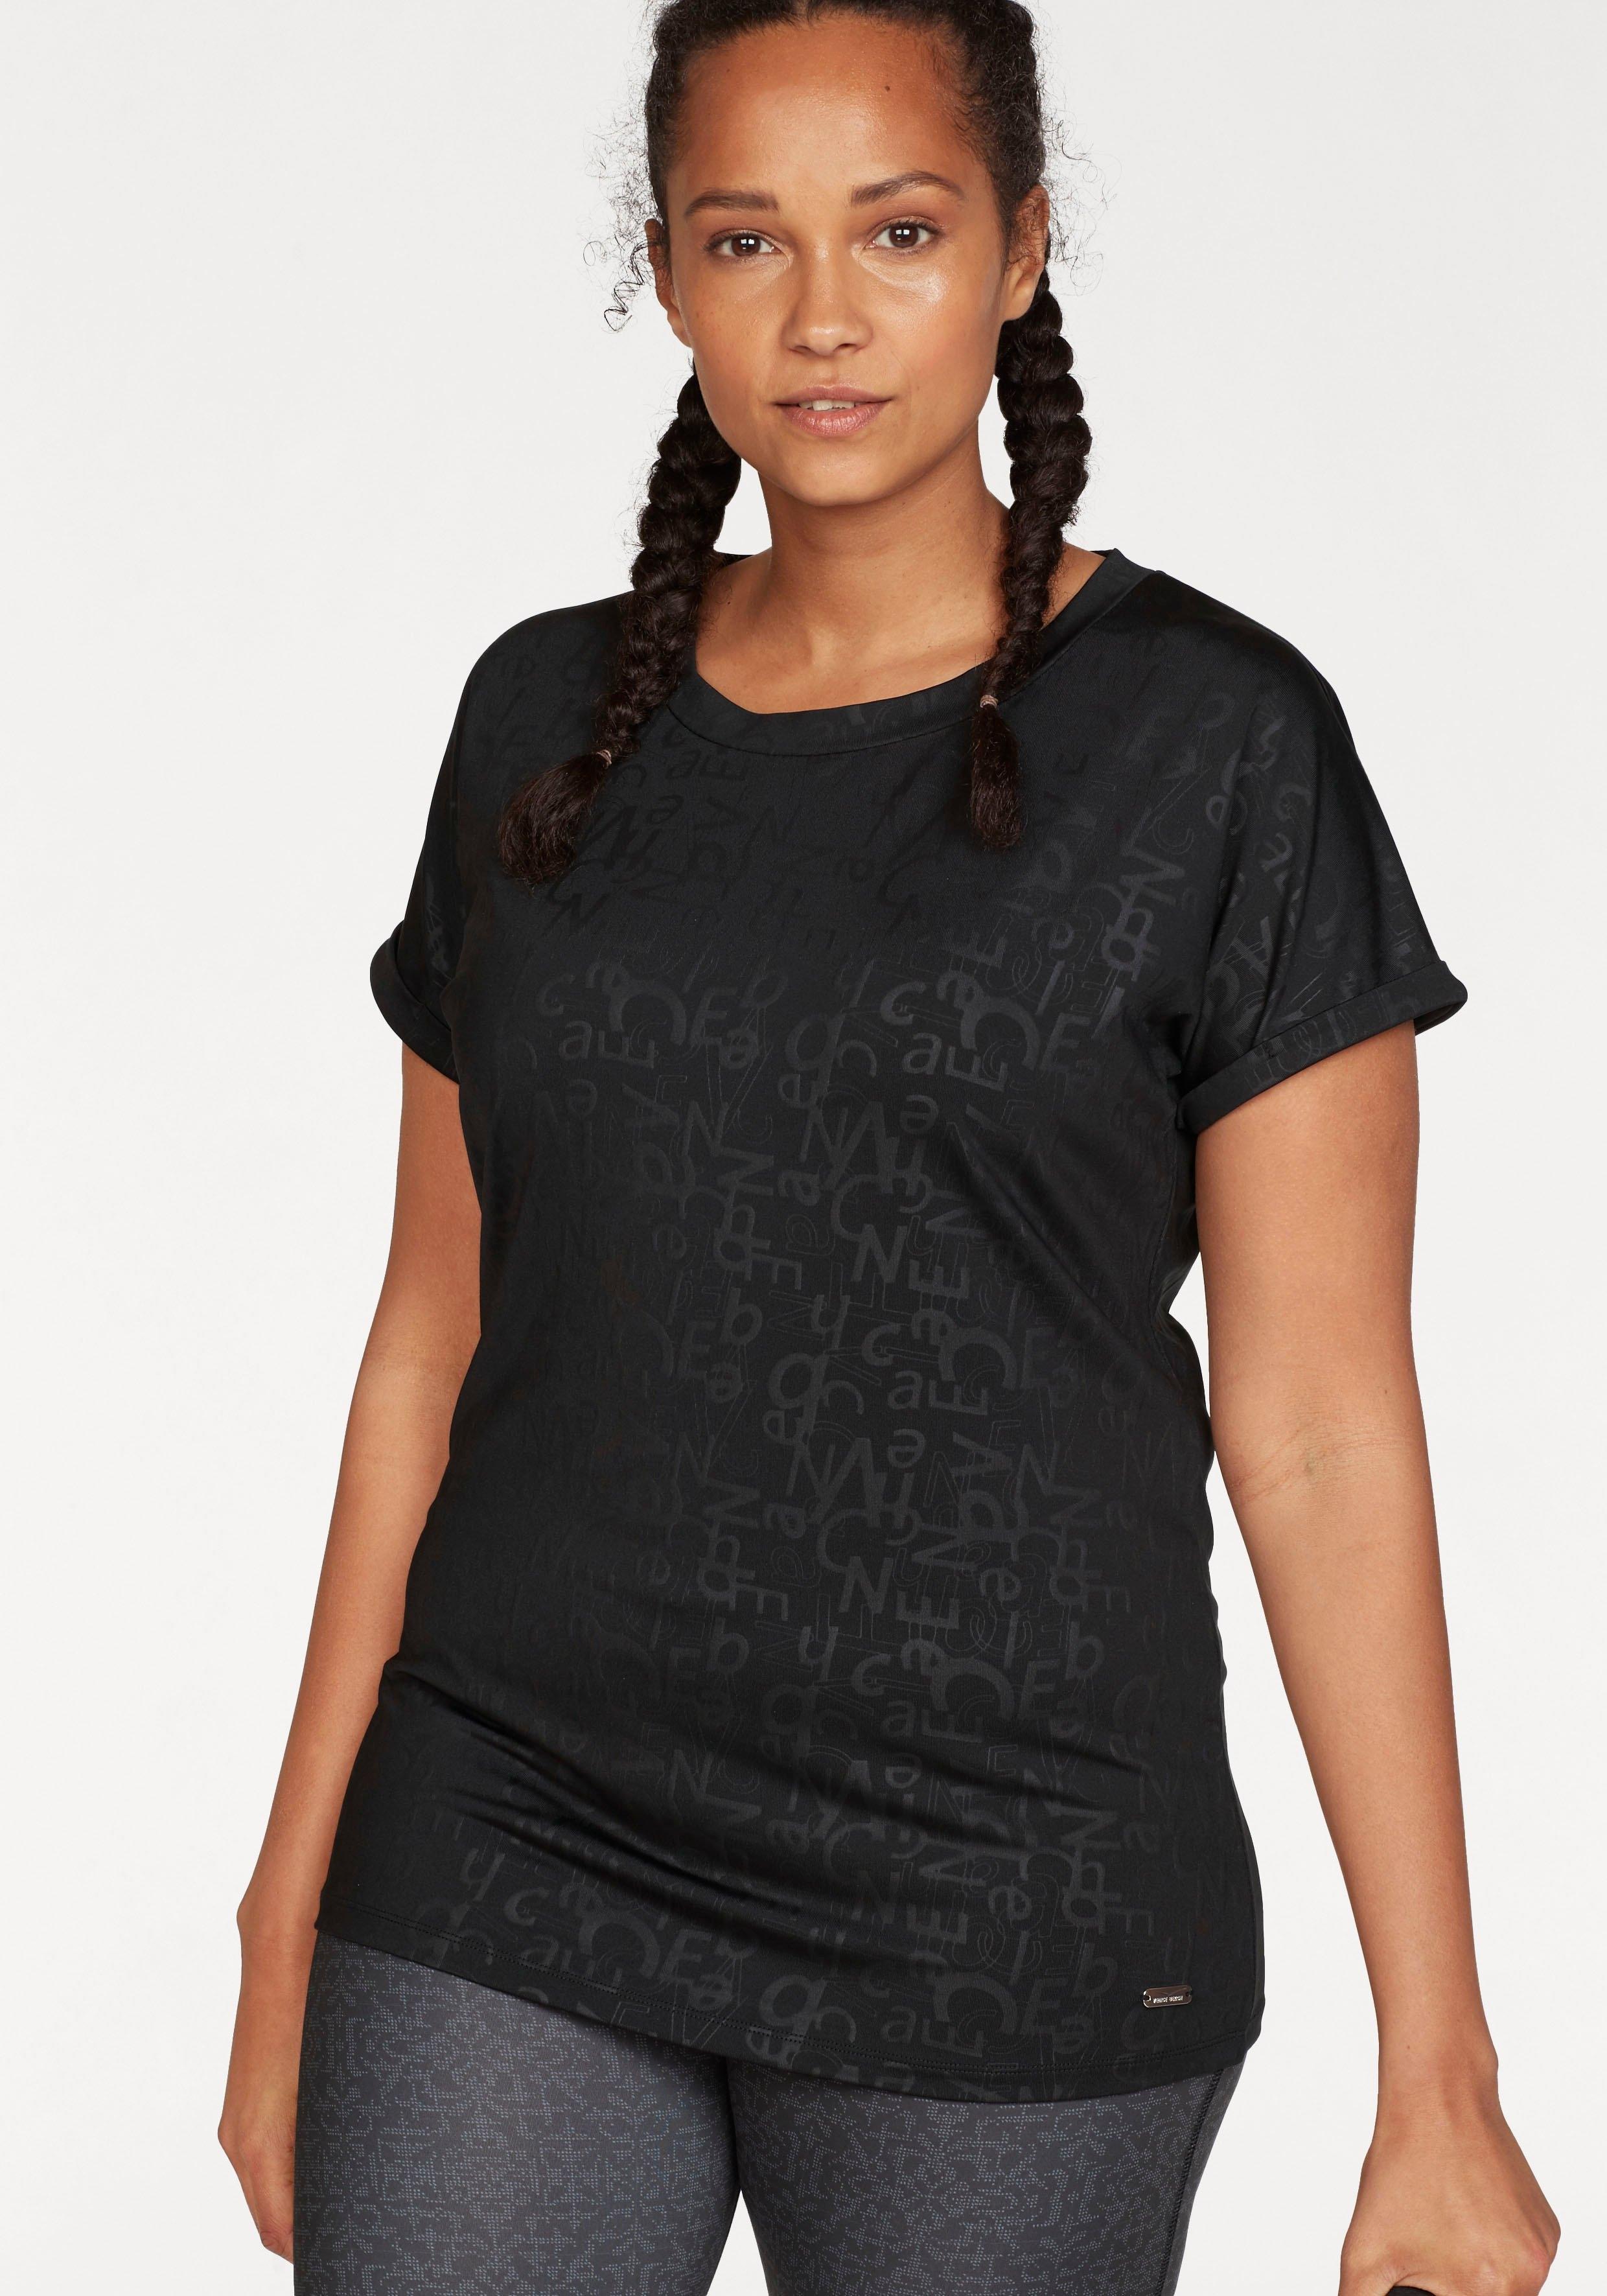 Venice Beach Functioneel shirt Grote maten - gratis ruilen op otto.nl